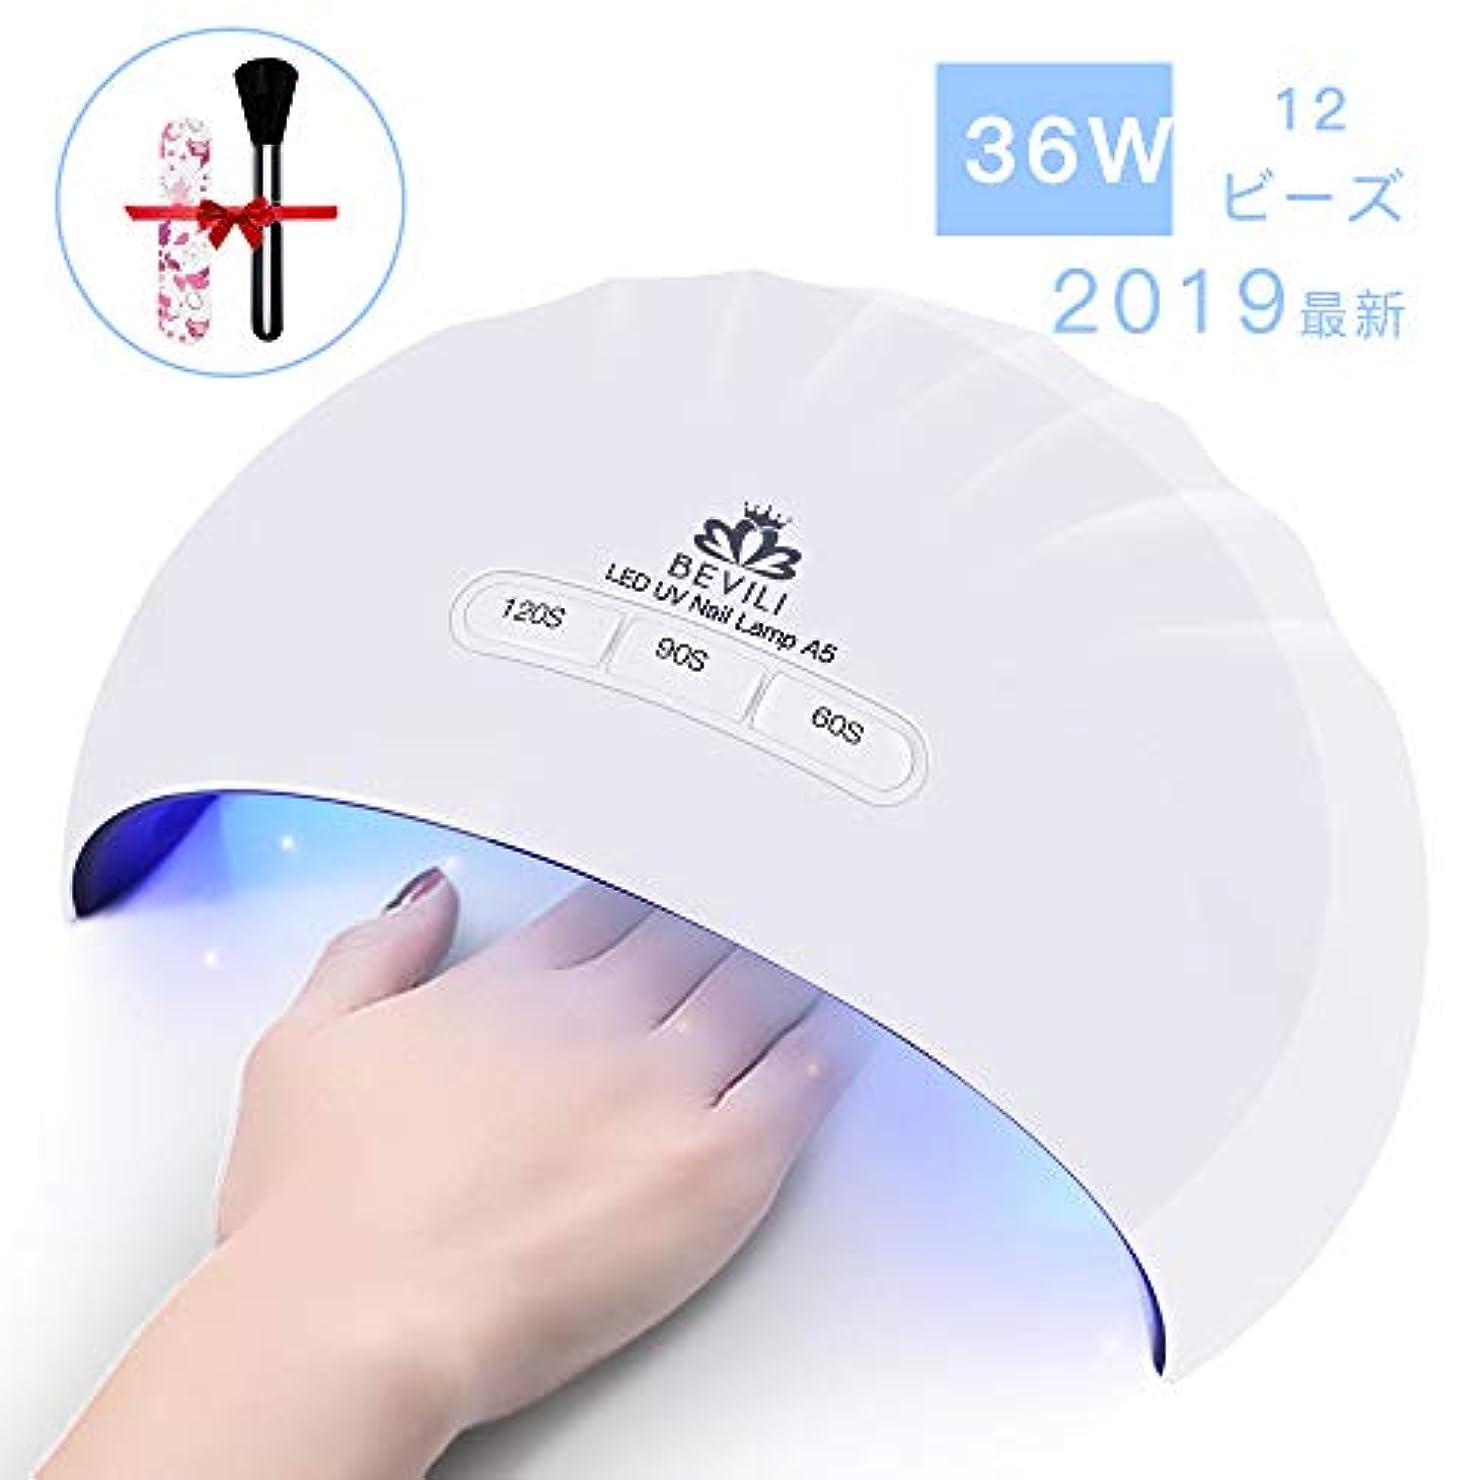 航空青裏切る硬化用UV/LEDライトジェルネイルライト 肌をケア センサータイマー付き UVライト 速乾UV ネイル ハンドフット両用 ネイル led ライト USB対応 (ホワイト)